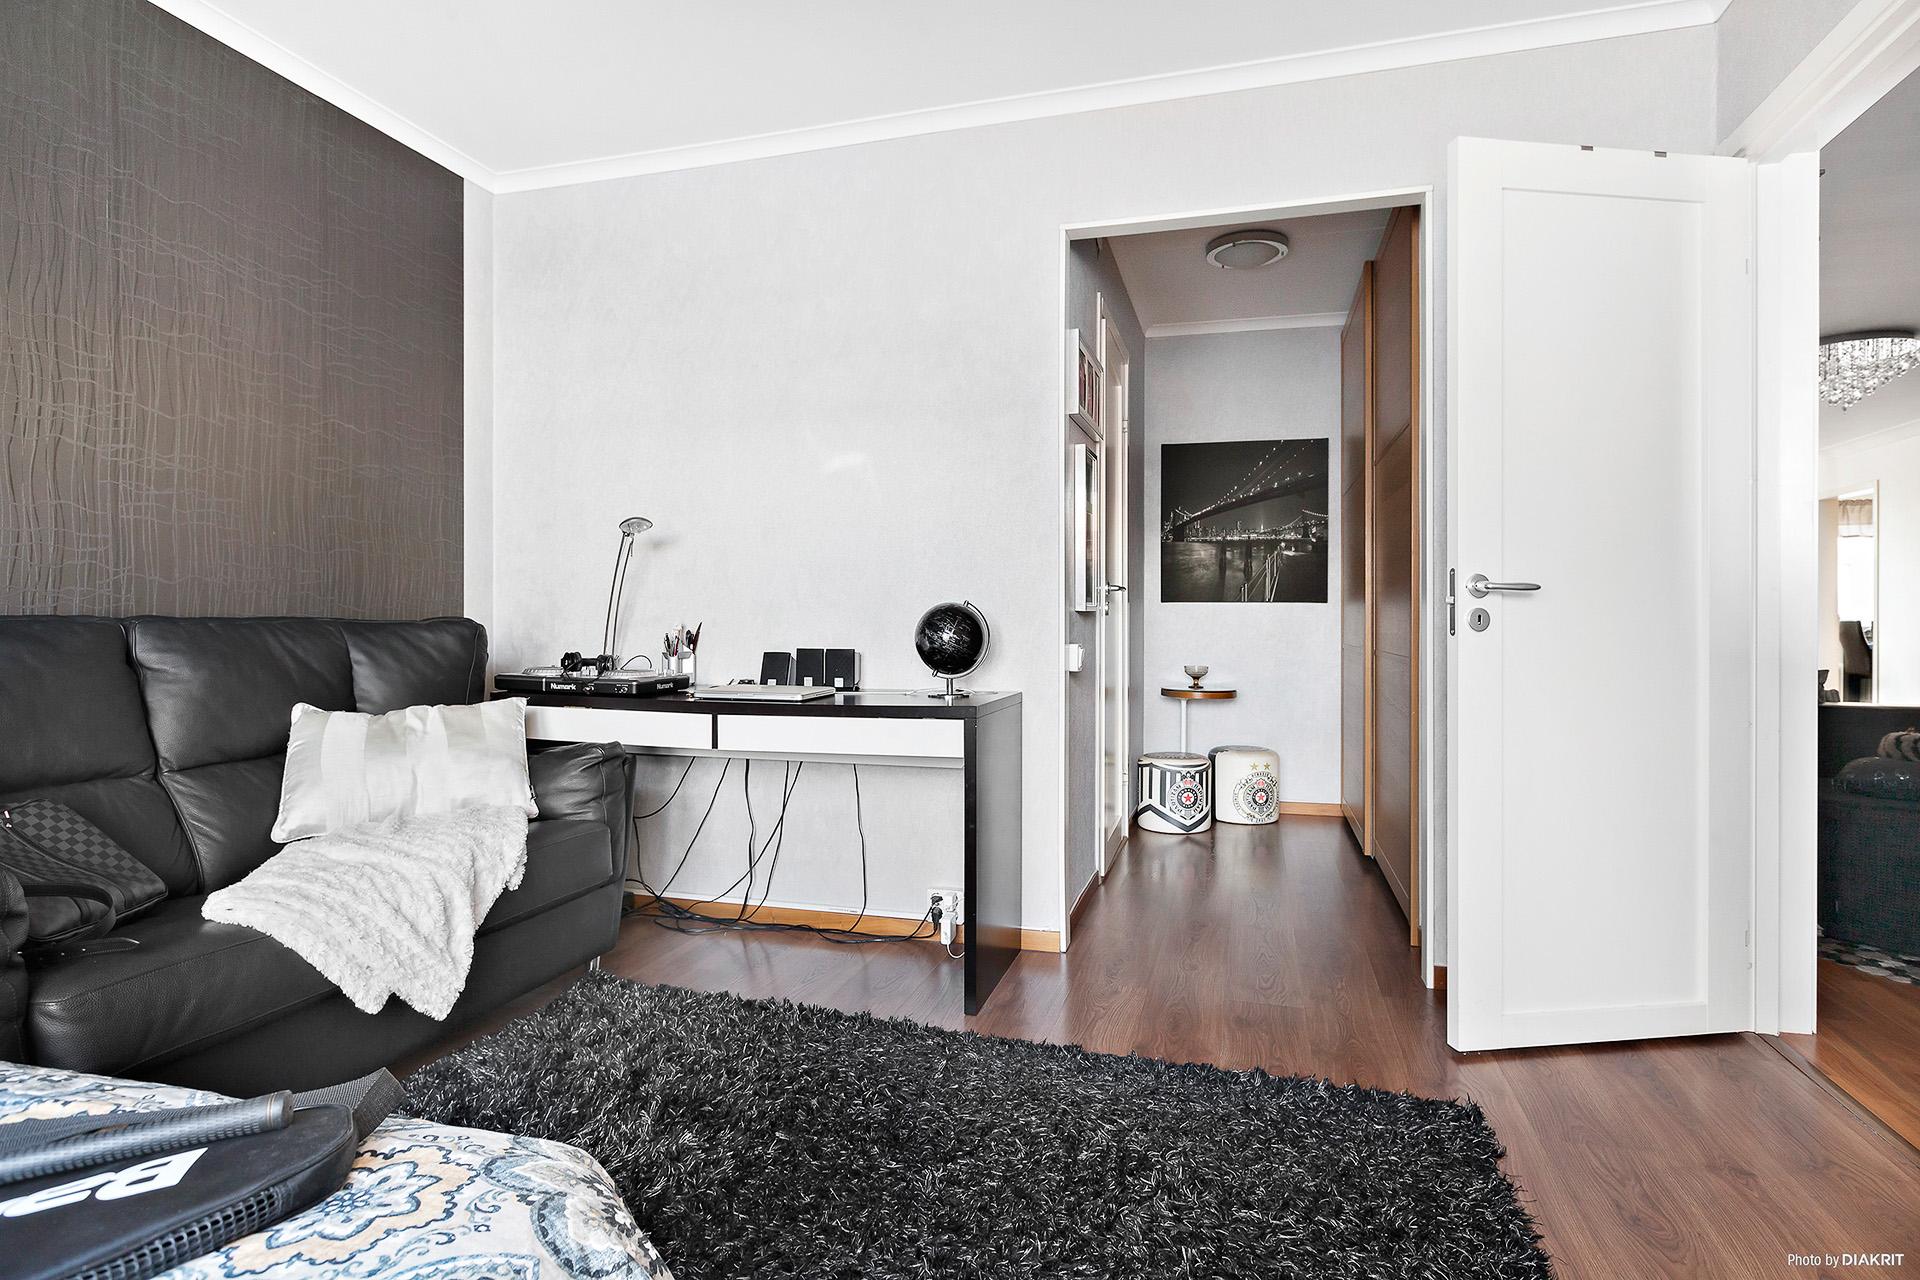 Sovrummet har ingång till badrum och effektiv förvaring via stor garderobsvägg i passagen in till badrummet.